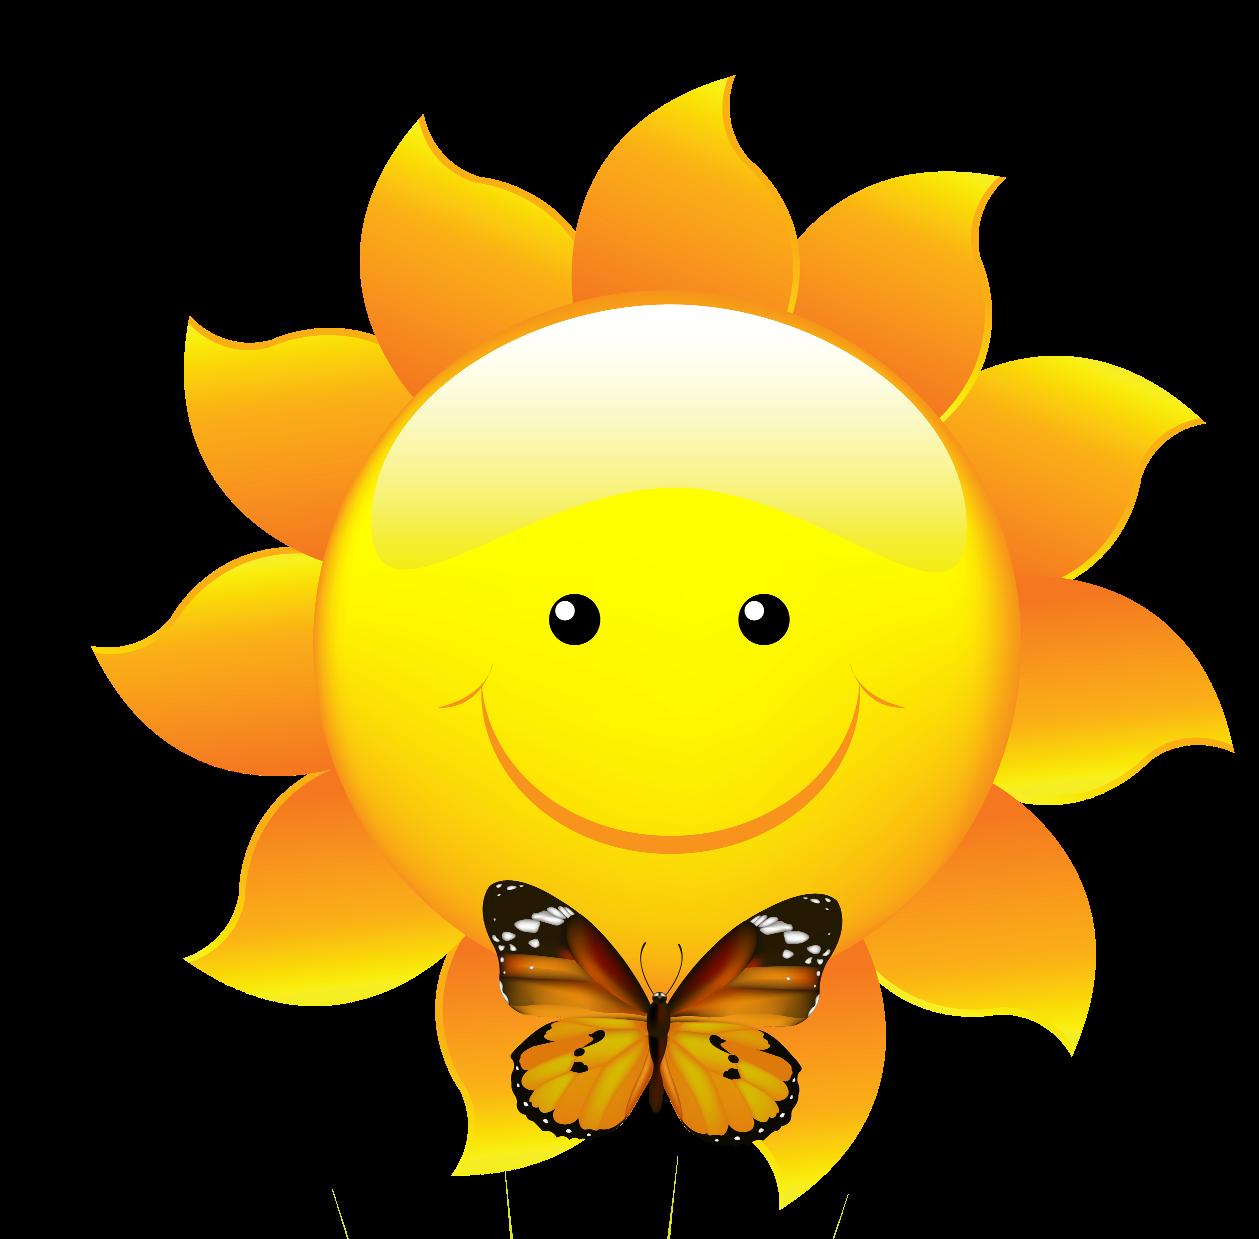 Картинка для аватарки солнышко